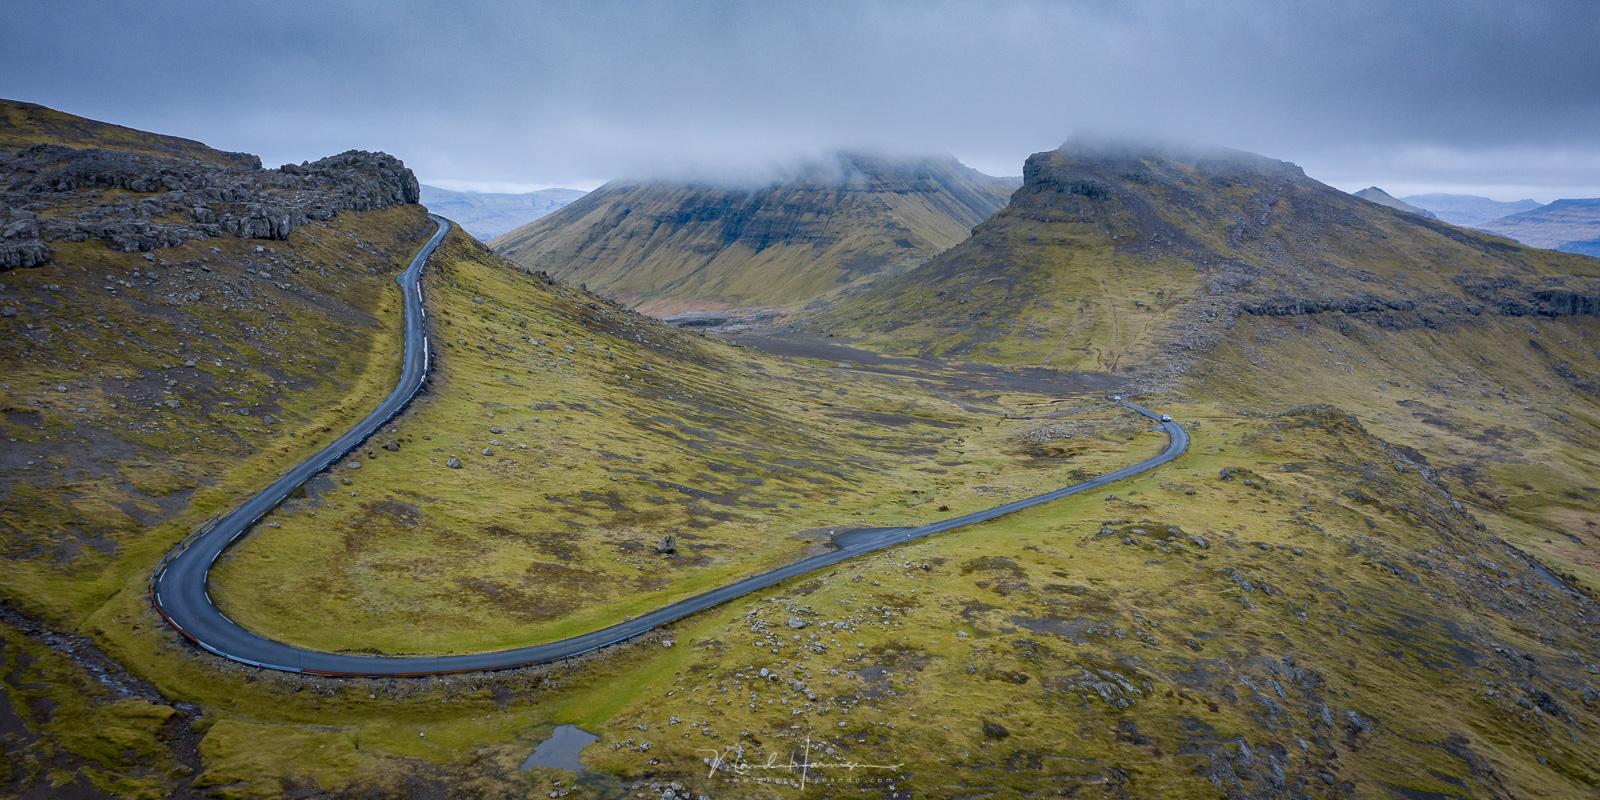 De weg Oyggjarvegur die van de doorgaande weg naar een prachtig fjord leidt.